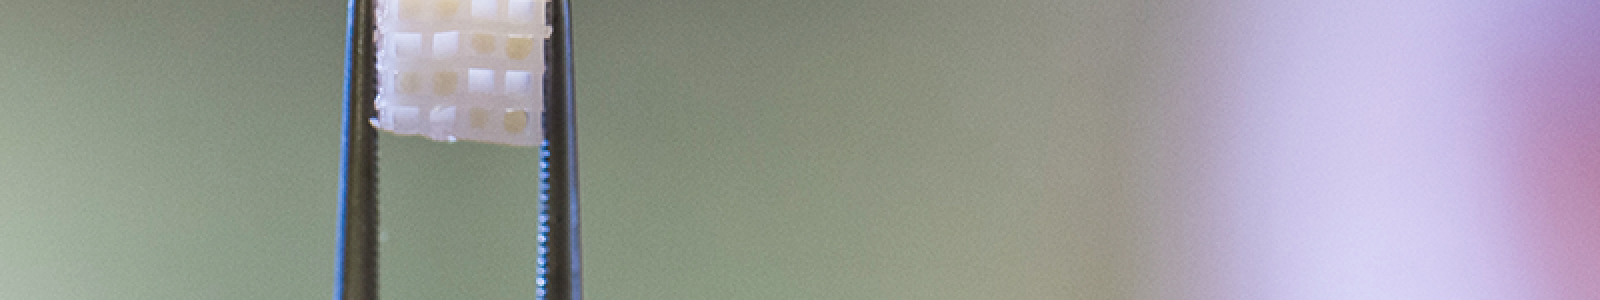 Onderzoeker toont gekweekt weefsel in pincet.